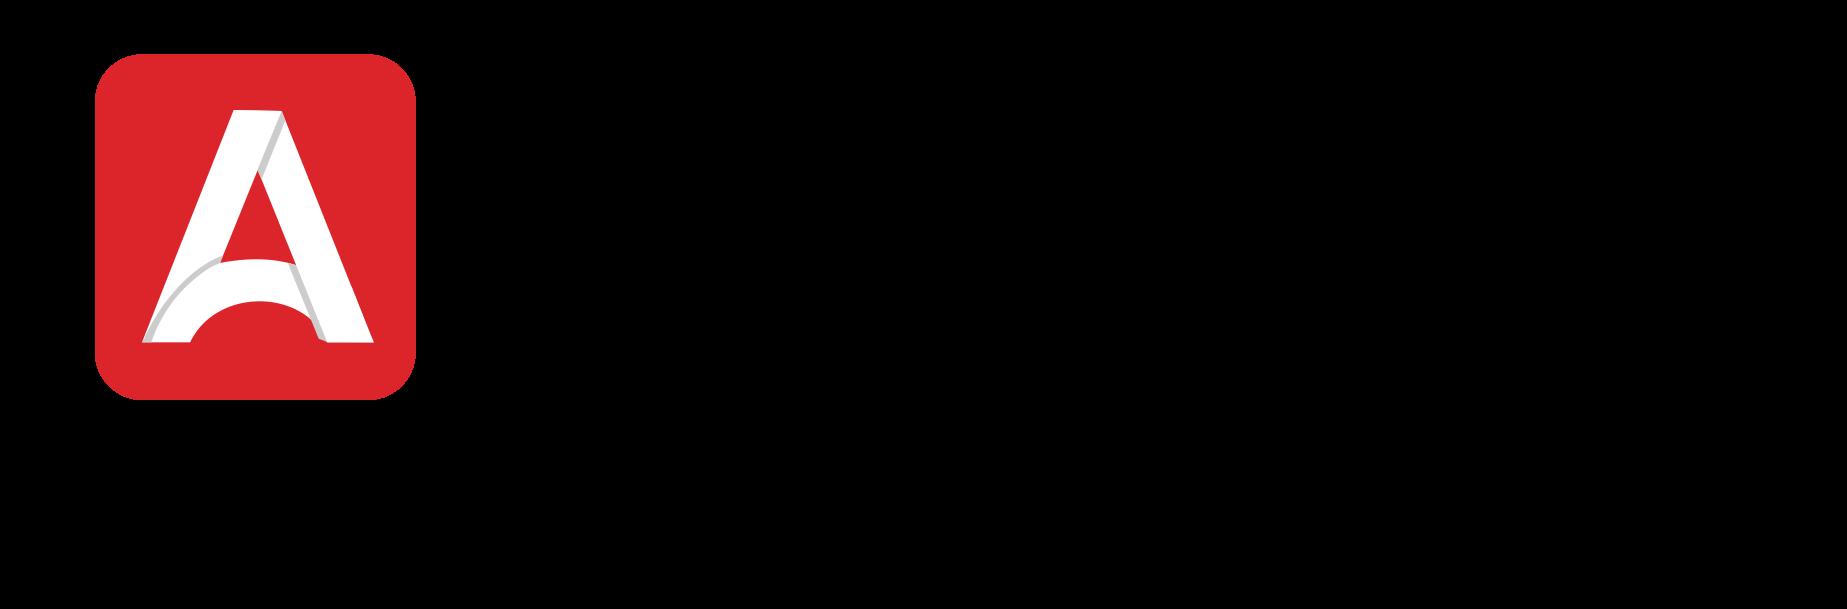 Albayrak Bauunternehmen